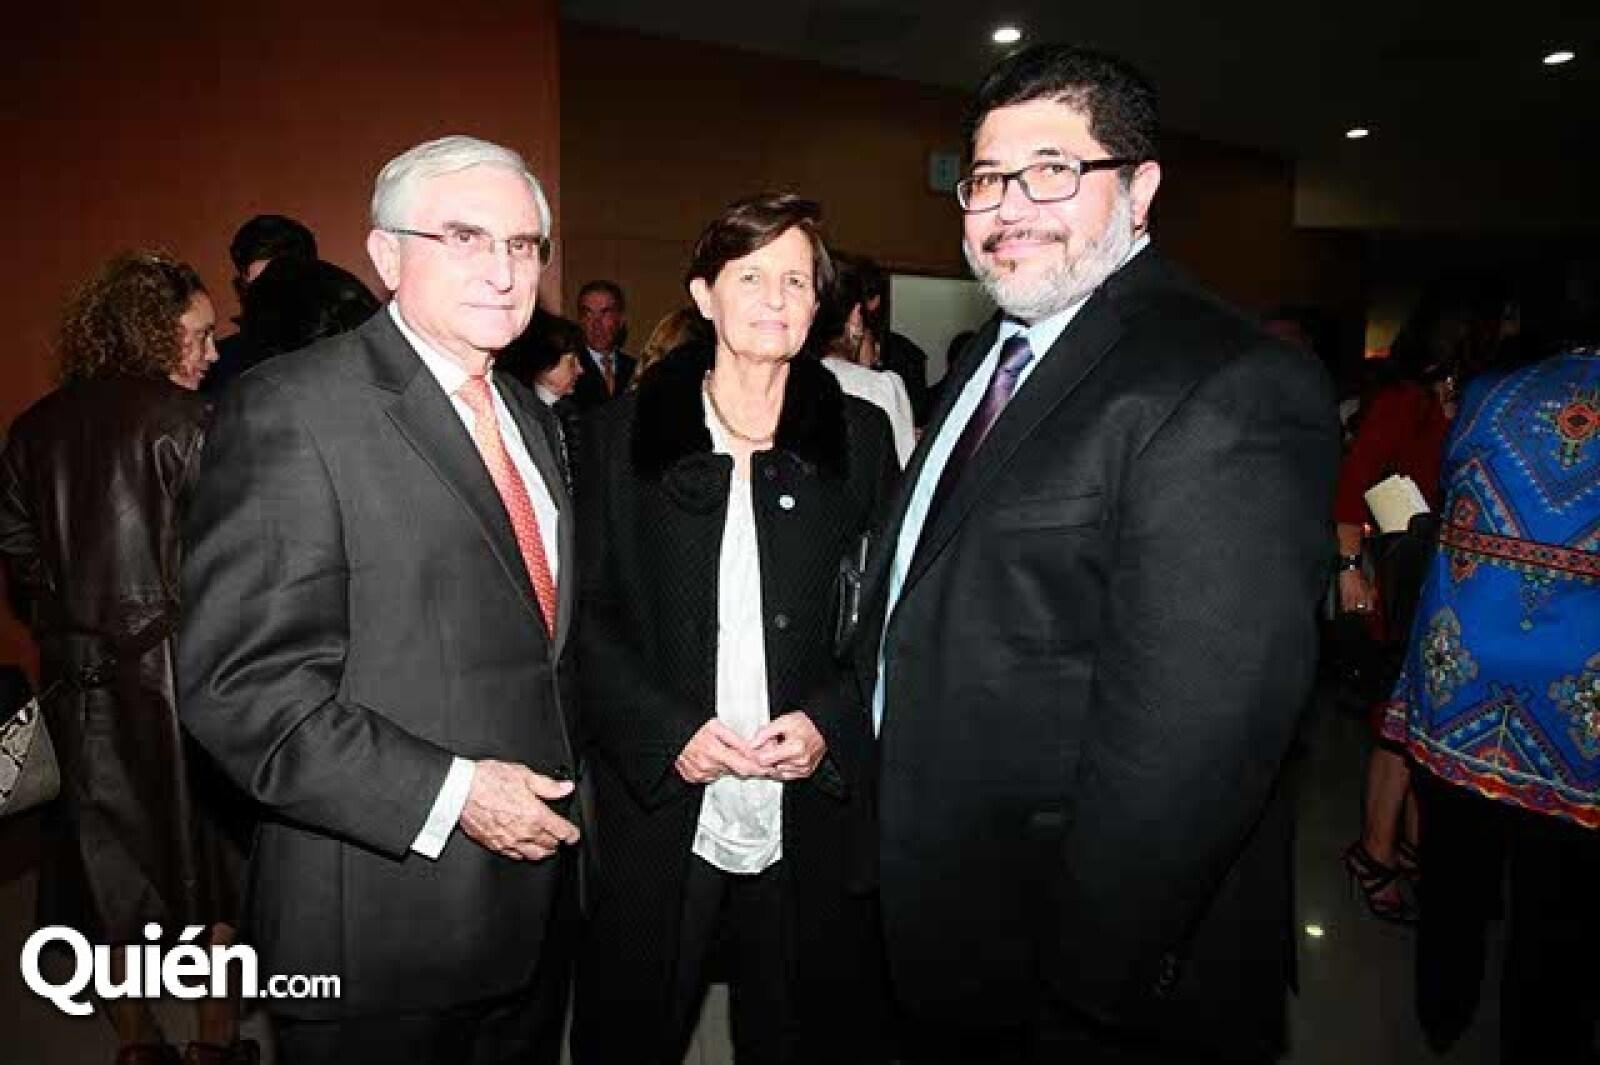 José Ignacio Mariscal,Pilar Mariscal y David Calderón